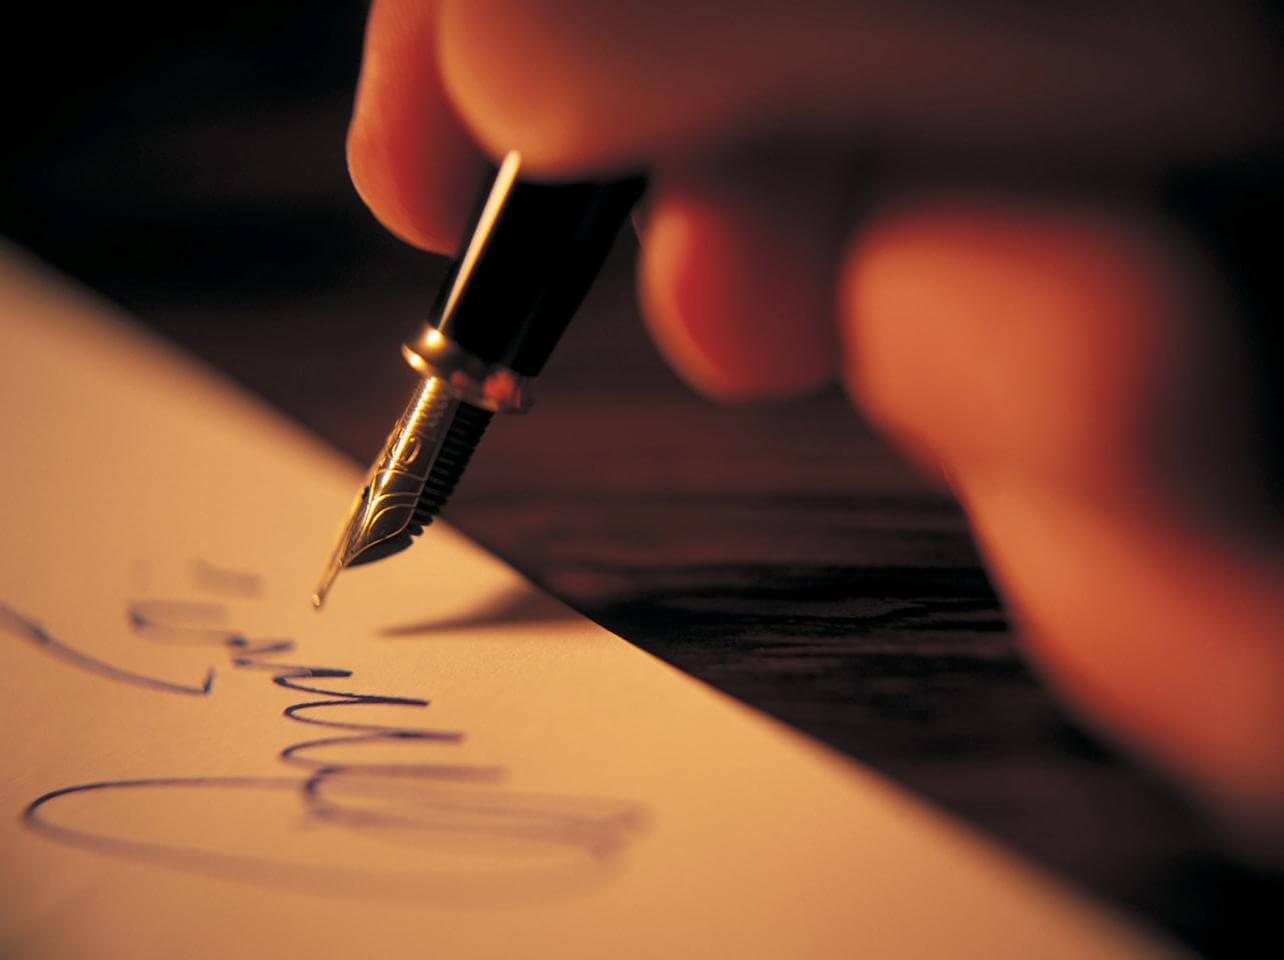 hokkali kalem ile yazmak